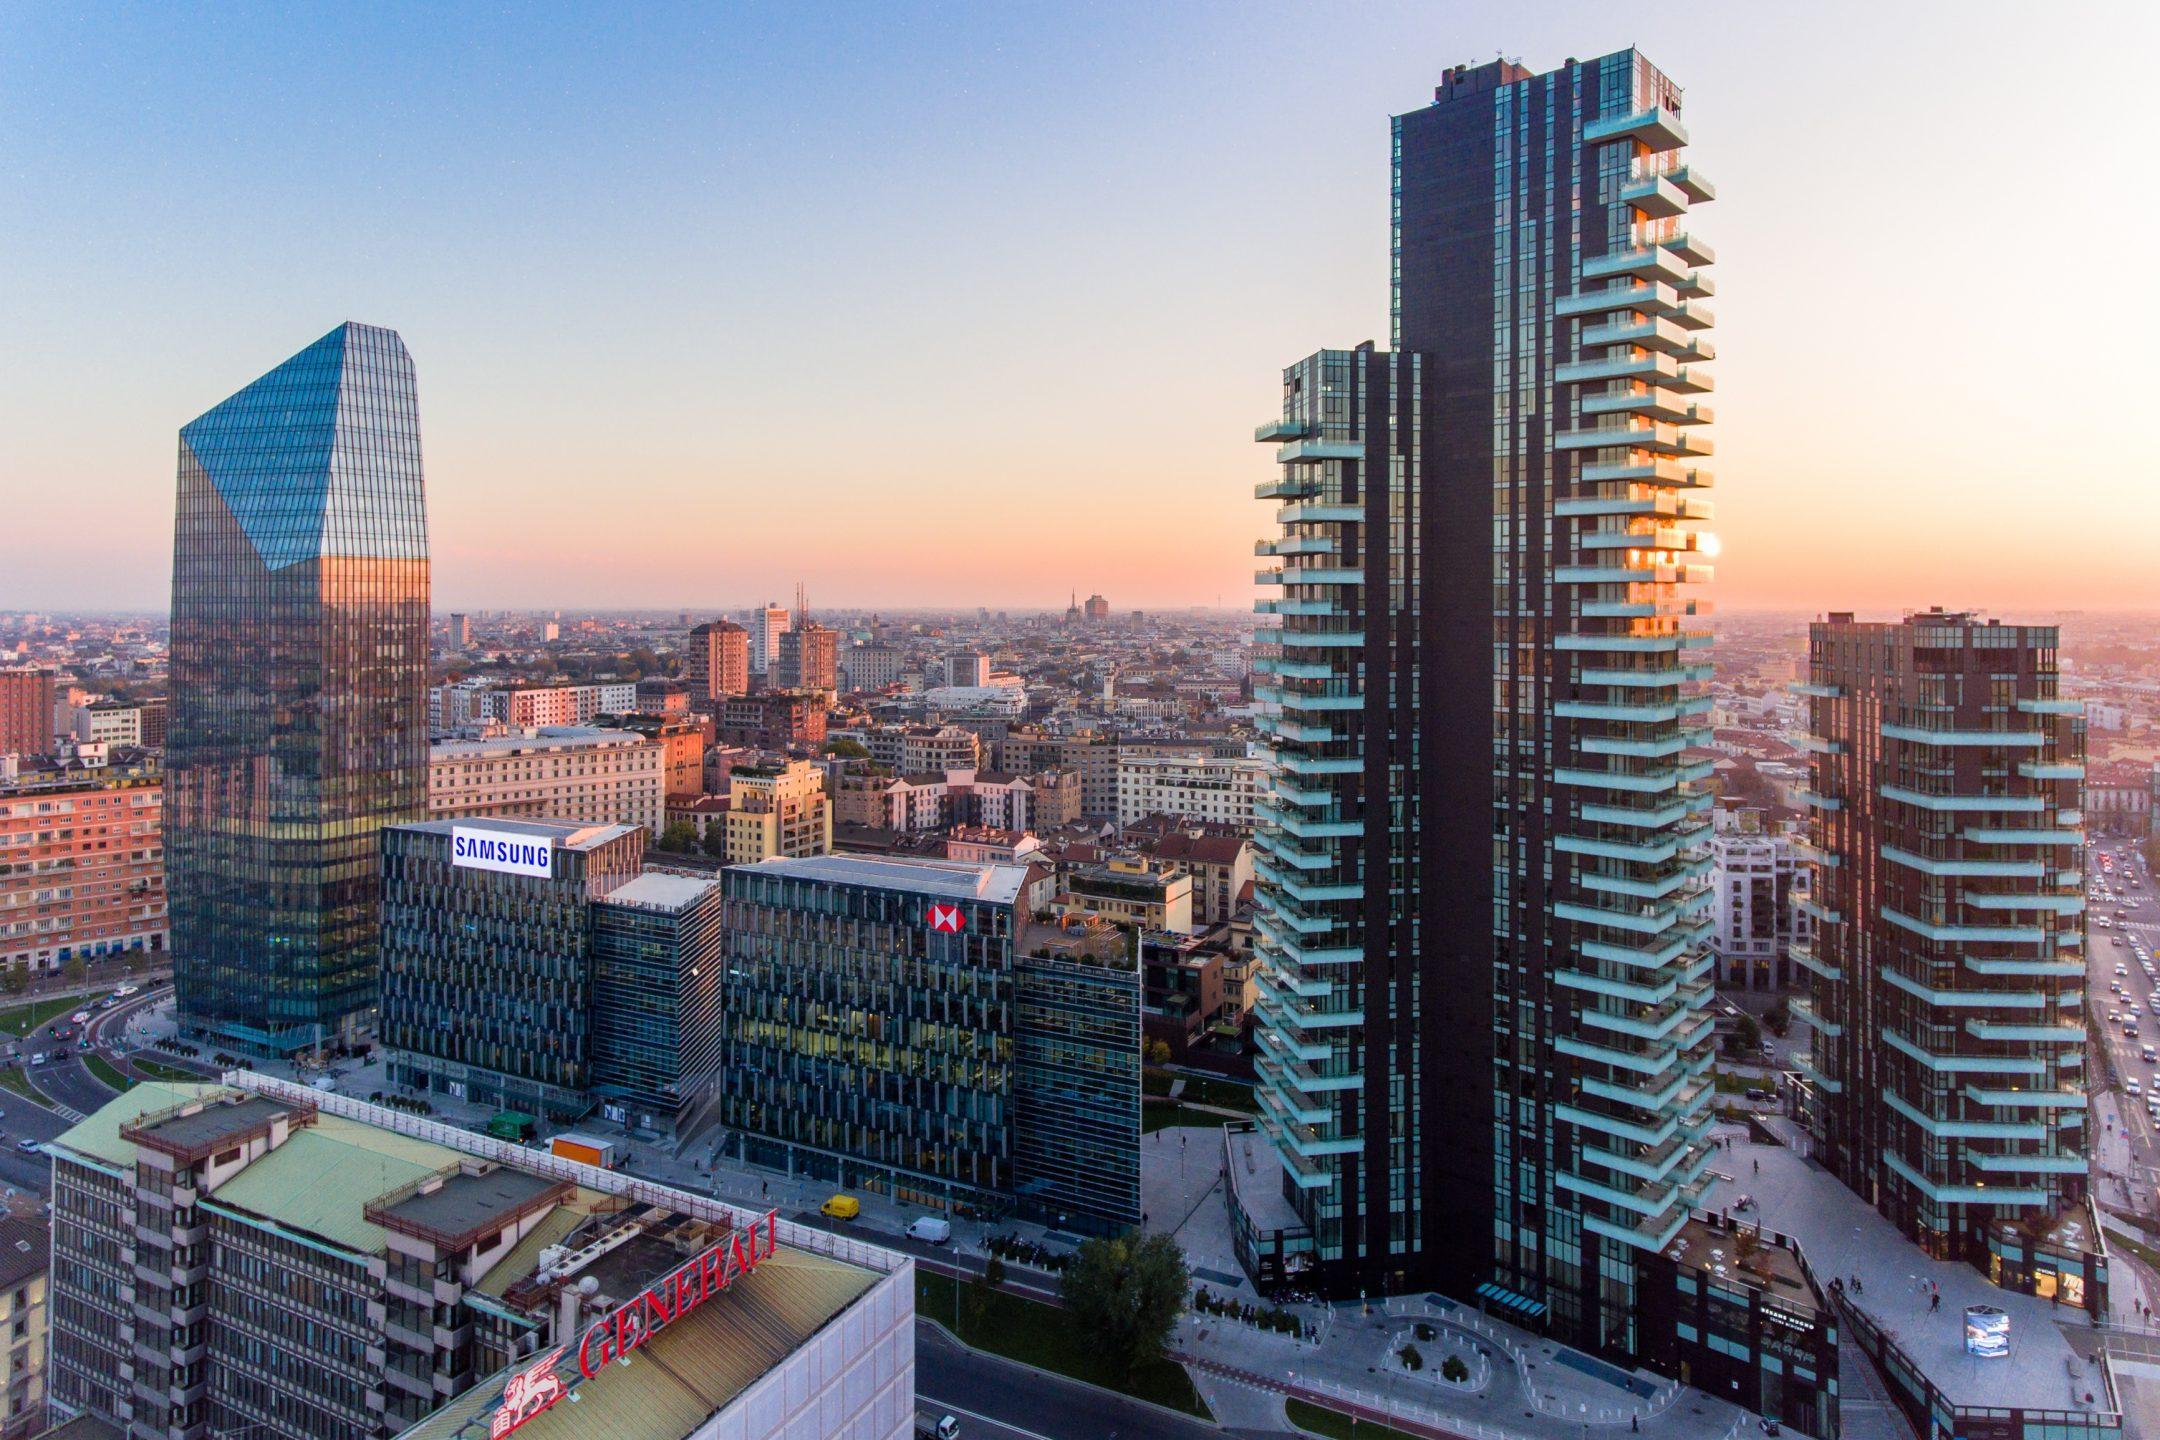 Bosco Verticale Appartamenti Costo quanto costa vivere in un grattacielo a milano